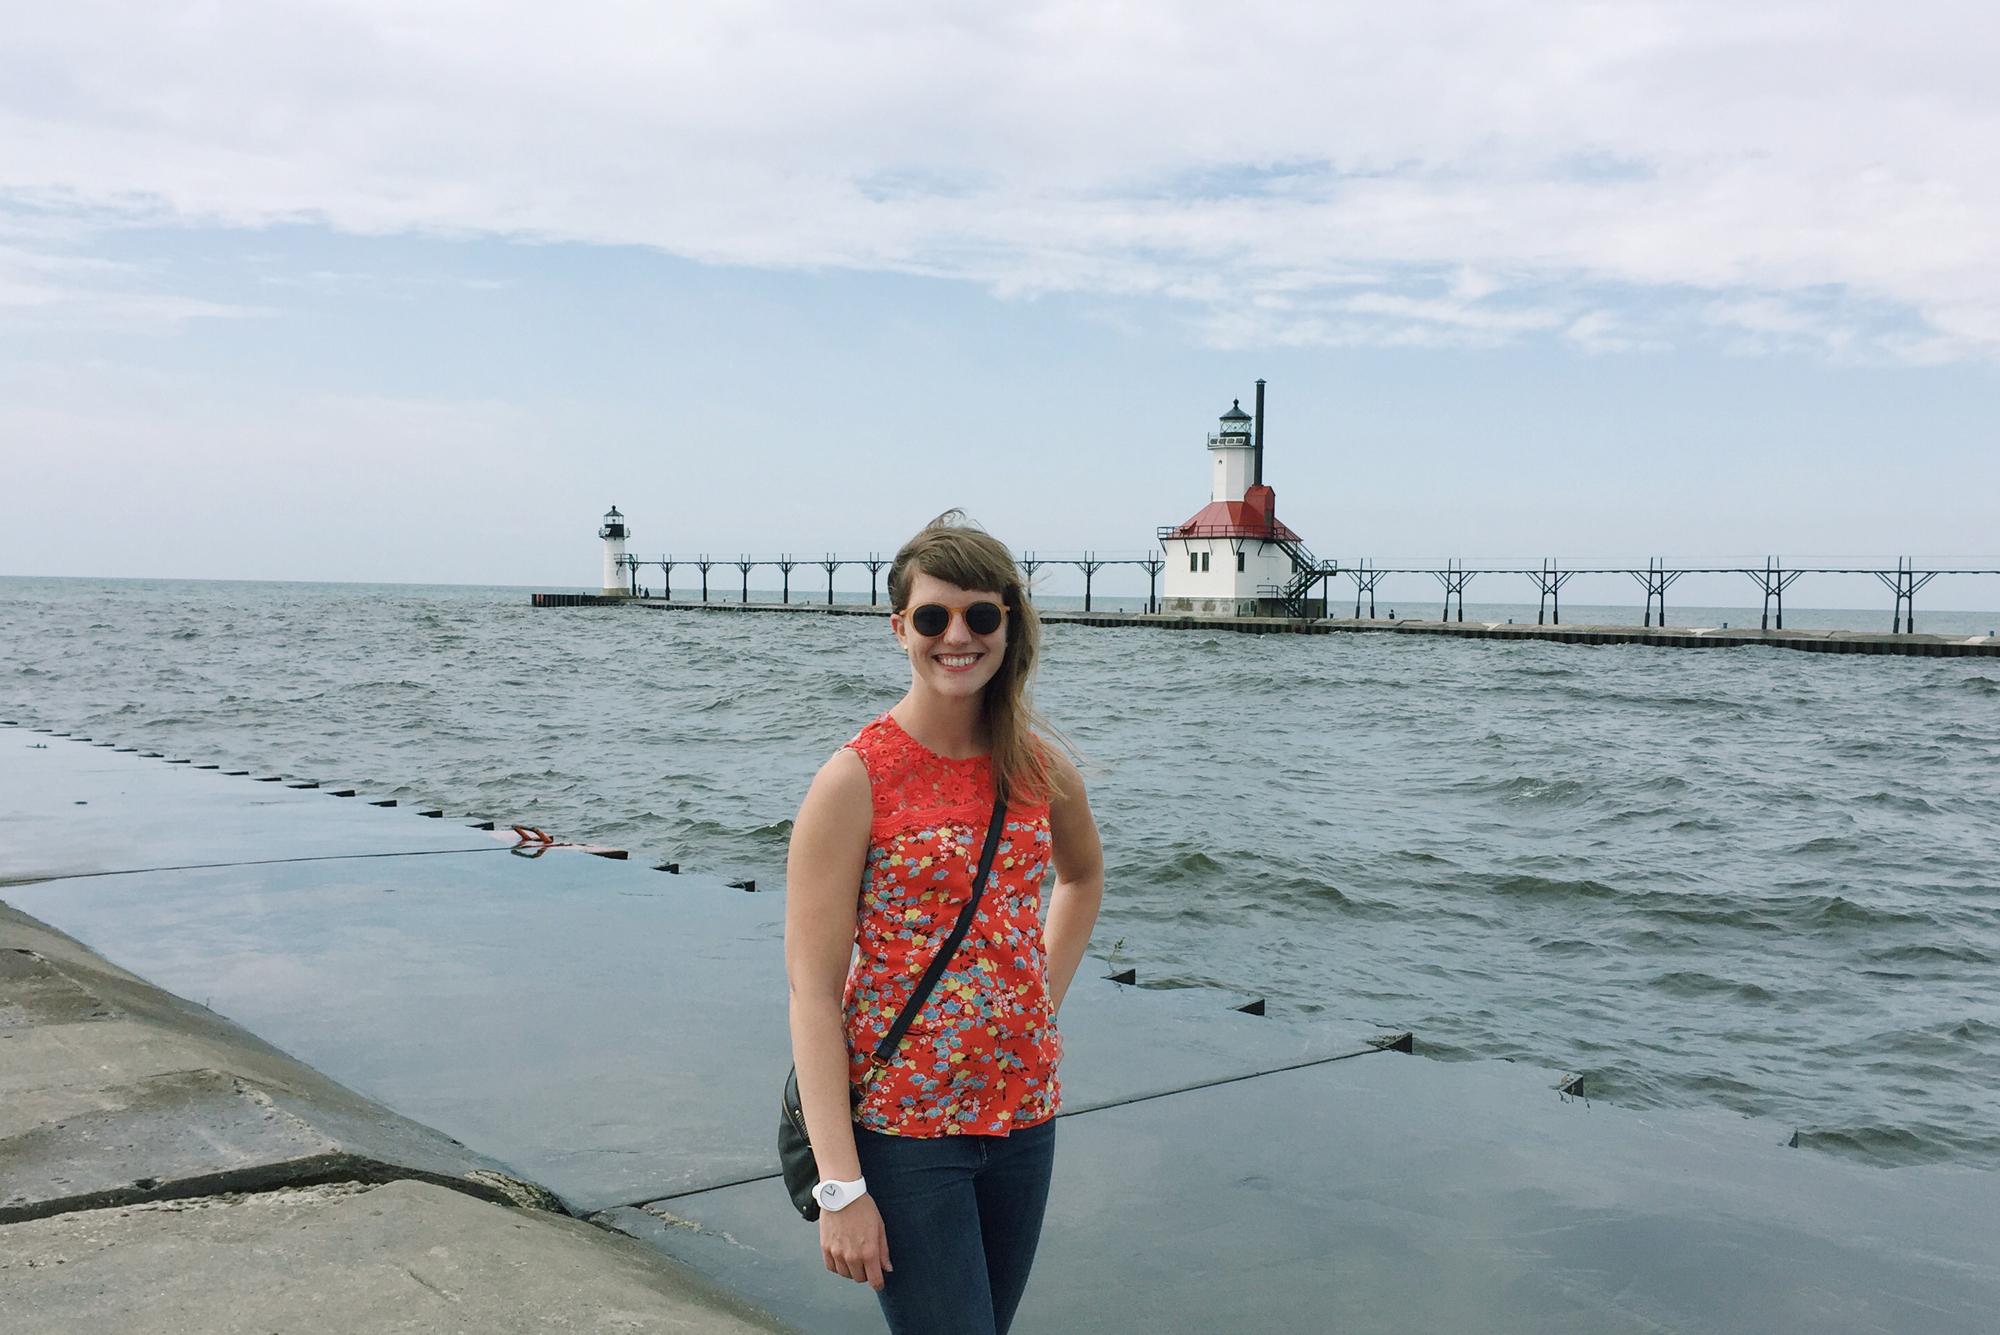 Happy to be back at Lake Michigan